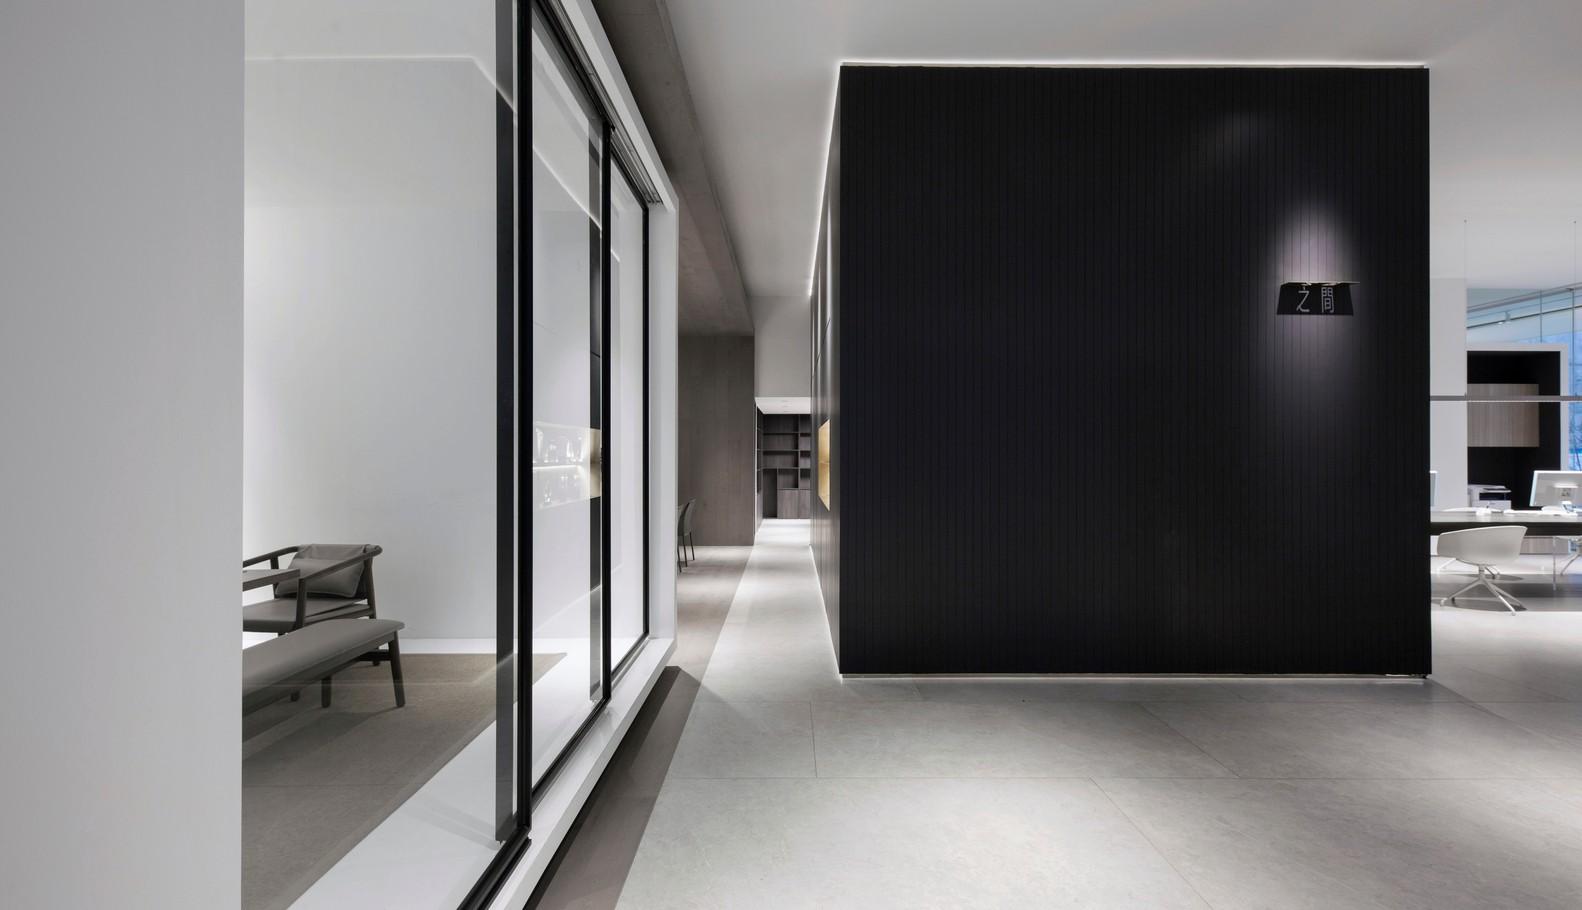 福建之间设计办公室室内设计 / Between之间设计